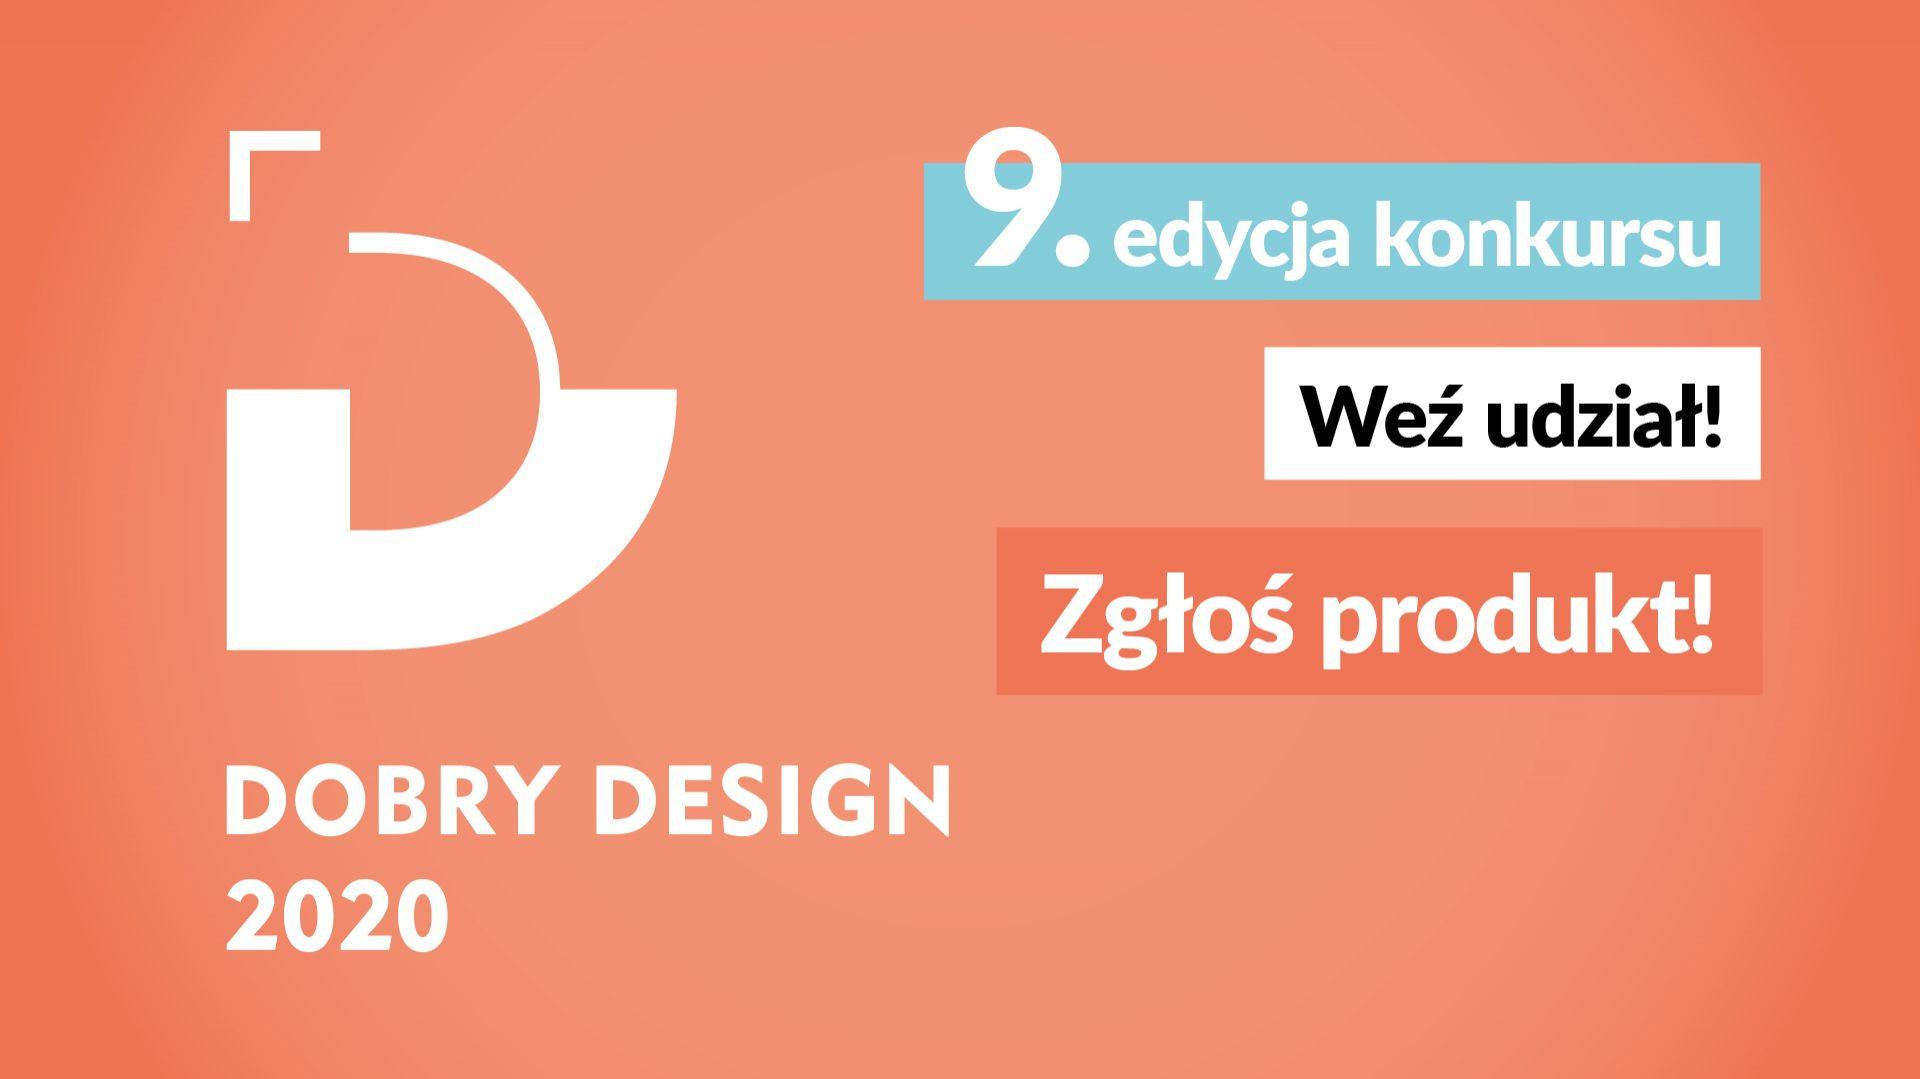 Właśnie rozpoczęła się 9. edycja konkursu Dobry Design.